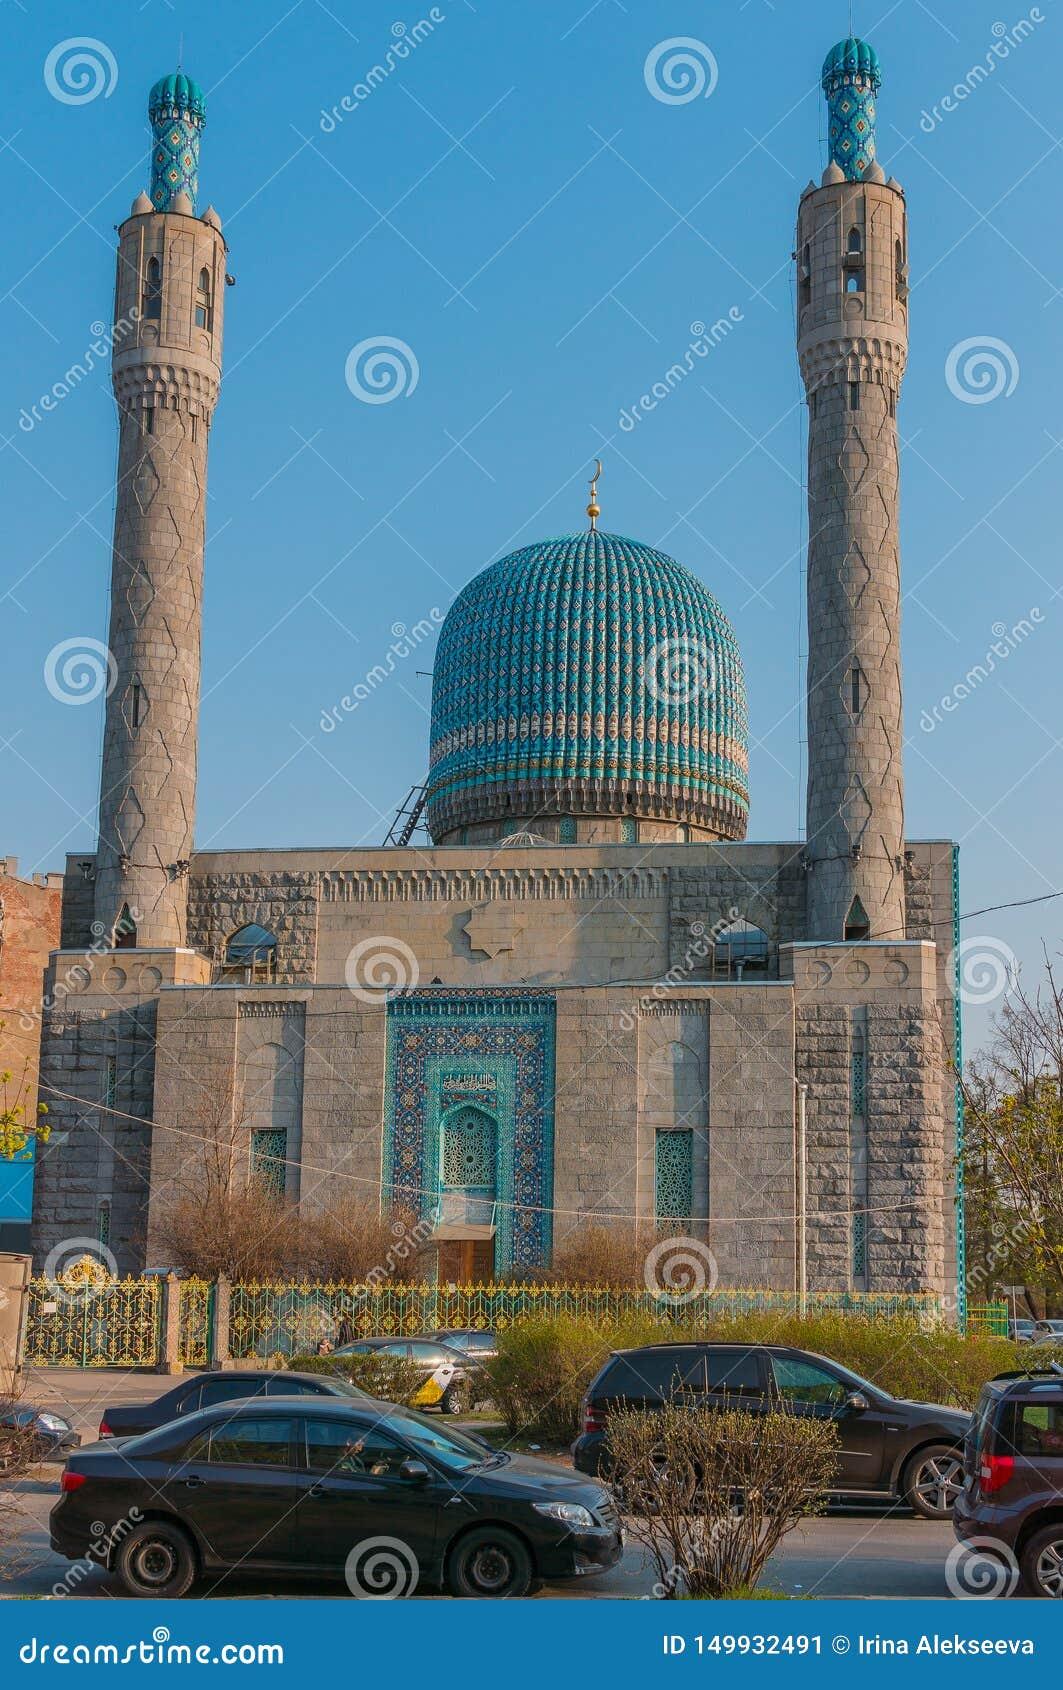 圣彼德堡,俄罗斯- 04 26 2019年:圣彼德堡大教堂清真寺是一个宗教大厦 建筑学的纪念碑